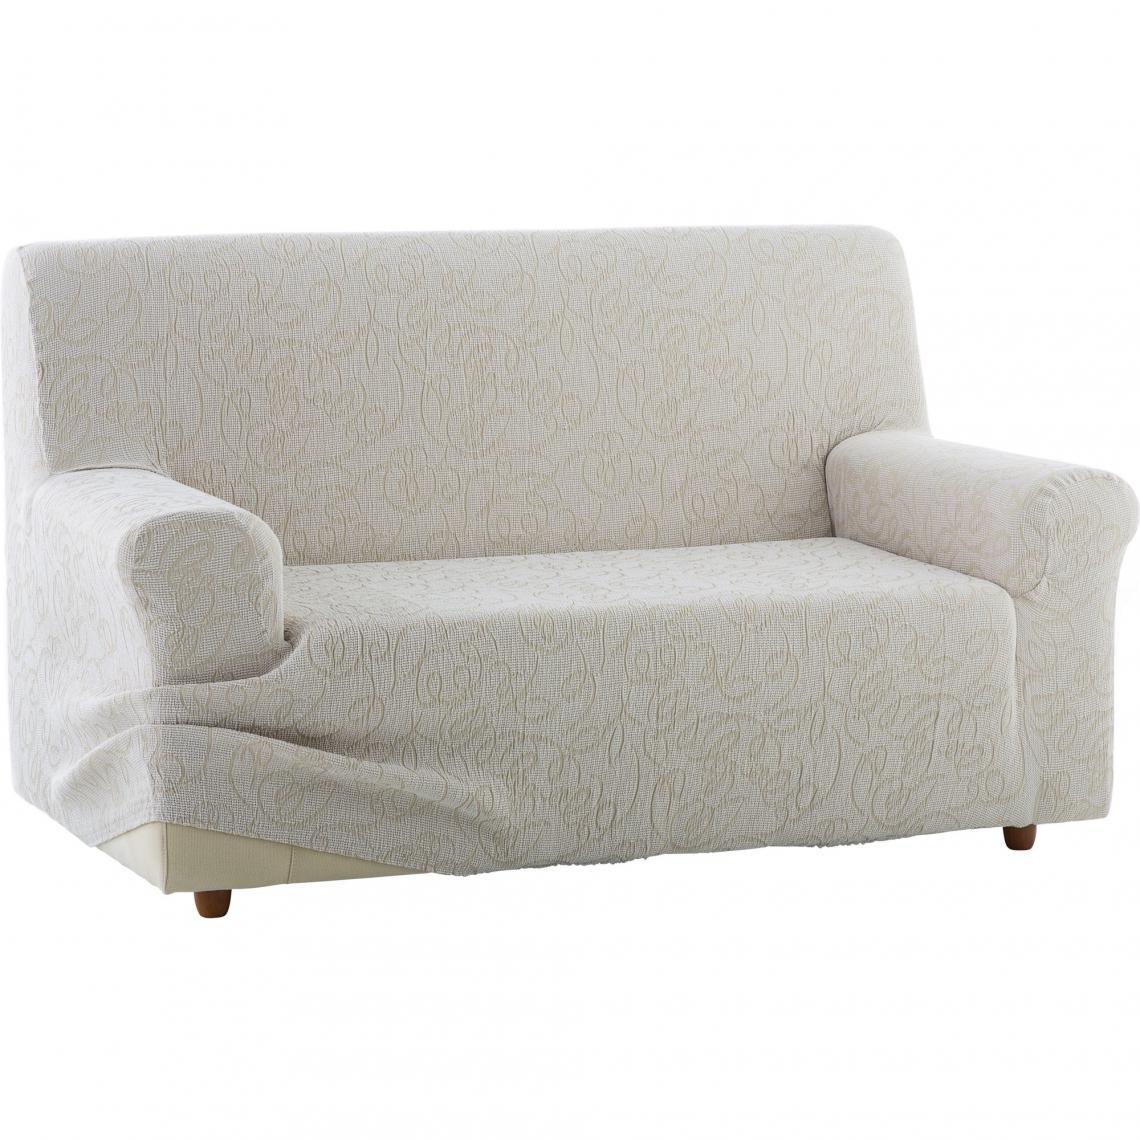 housse bi extensible int grale pour canap 2 places. Black Bedroom Furniture Sets. Home Design Ideas